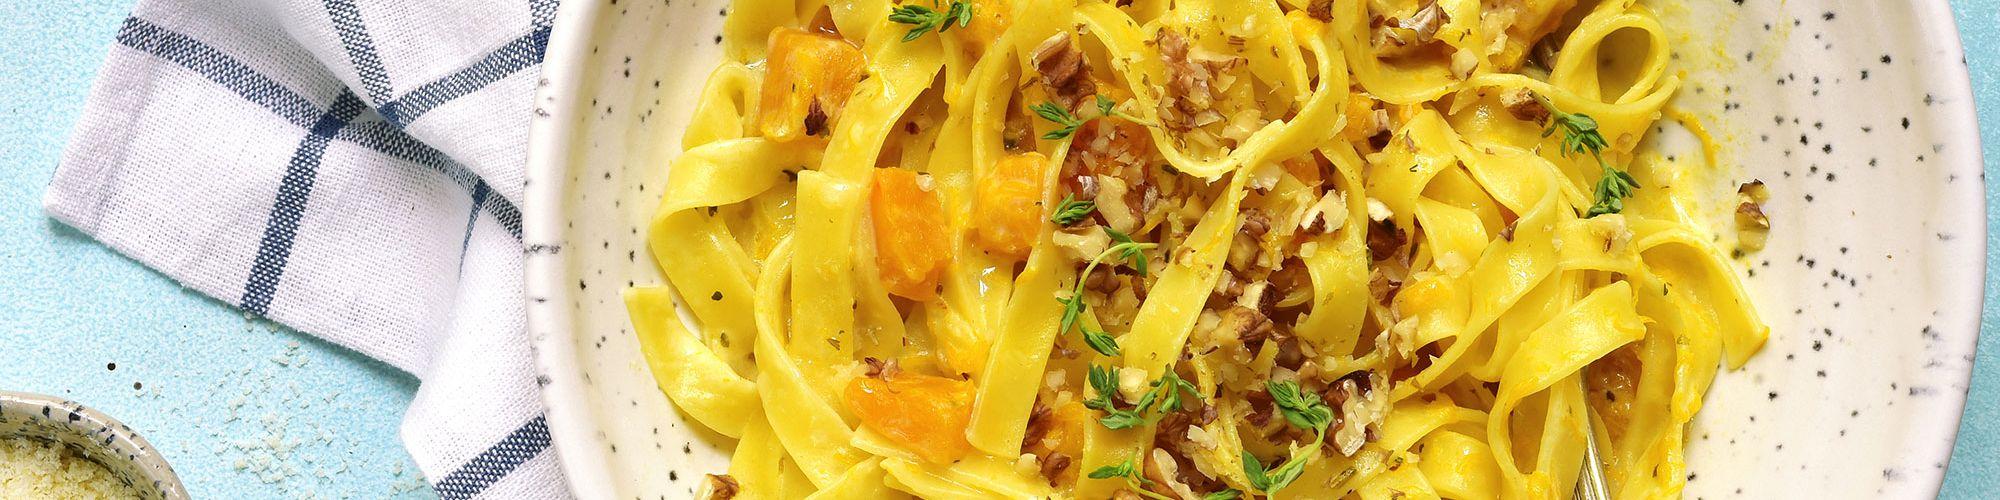 ricetta Tagliatelle con zucca, taleggio e speck con pasta fresca